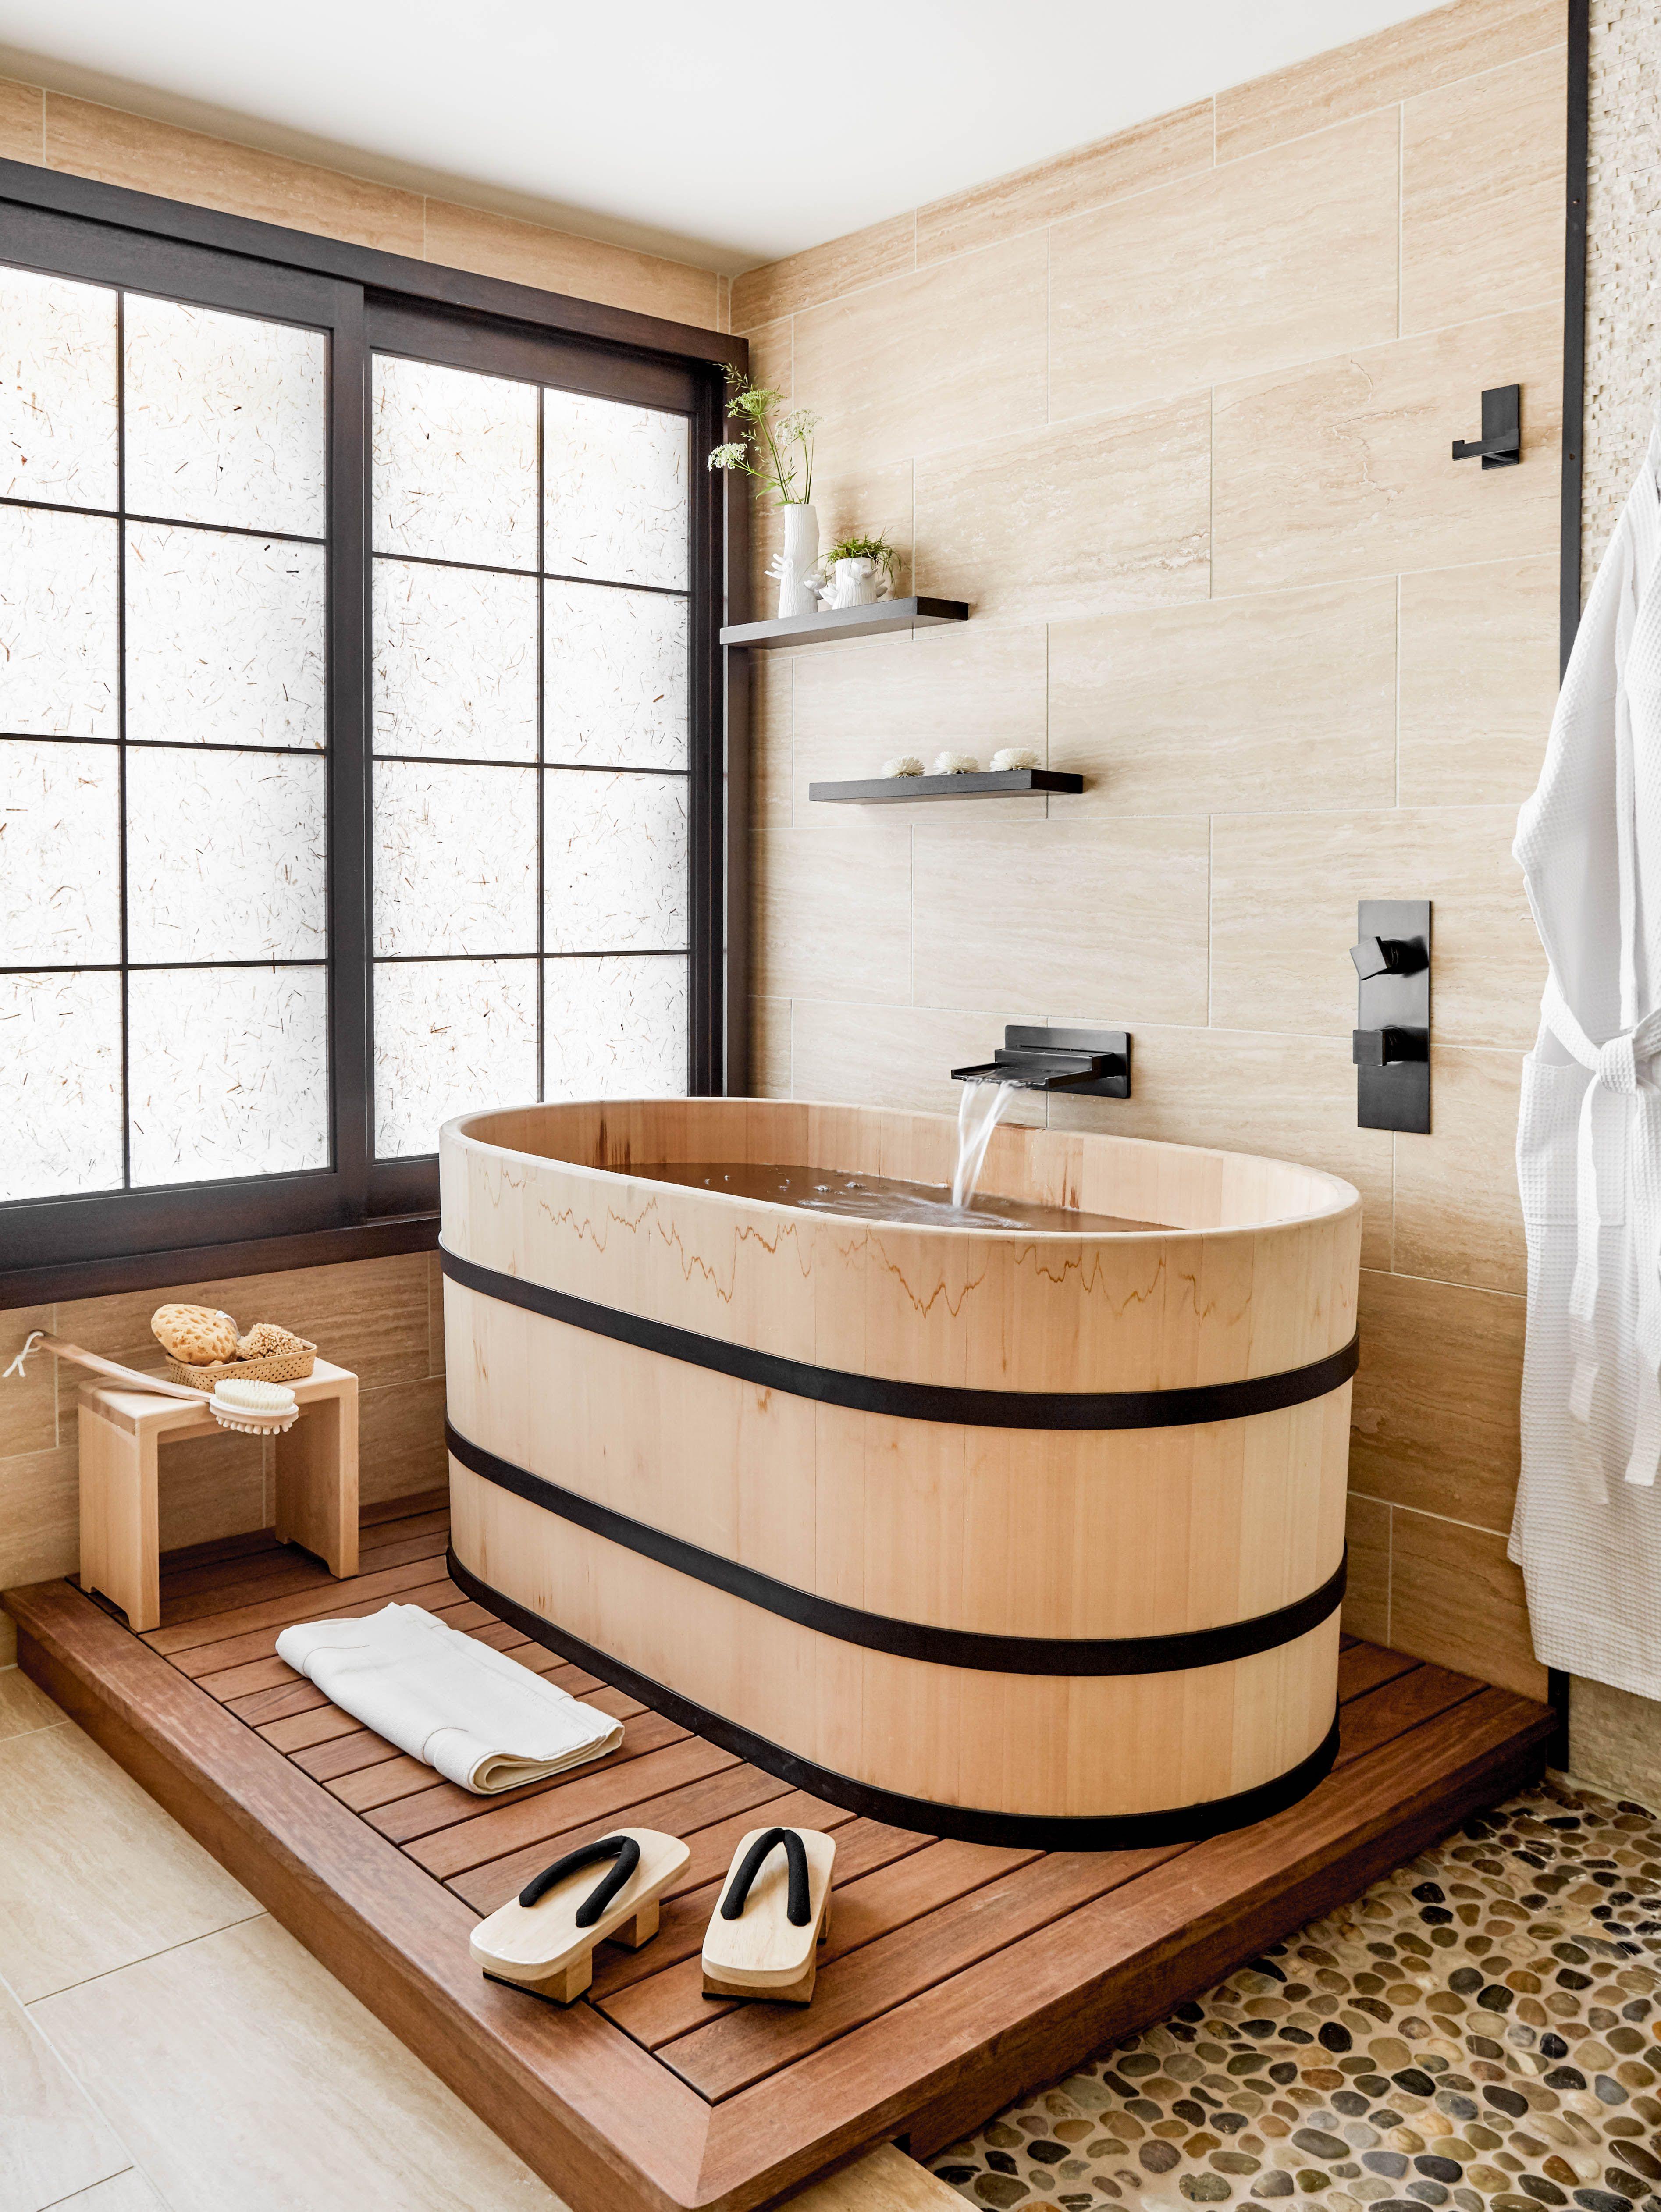 Stonehouse Japanese Ofuro Tub Made Of Aromatic Hinoki Wood Hinoki Wood Hinoki